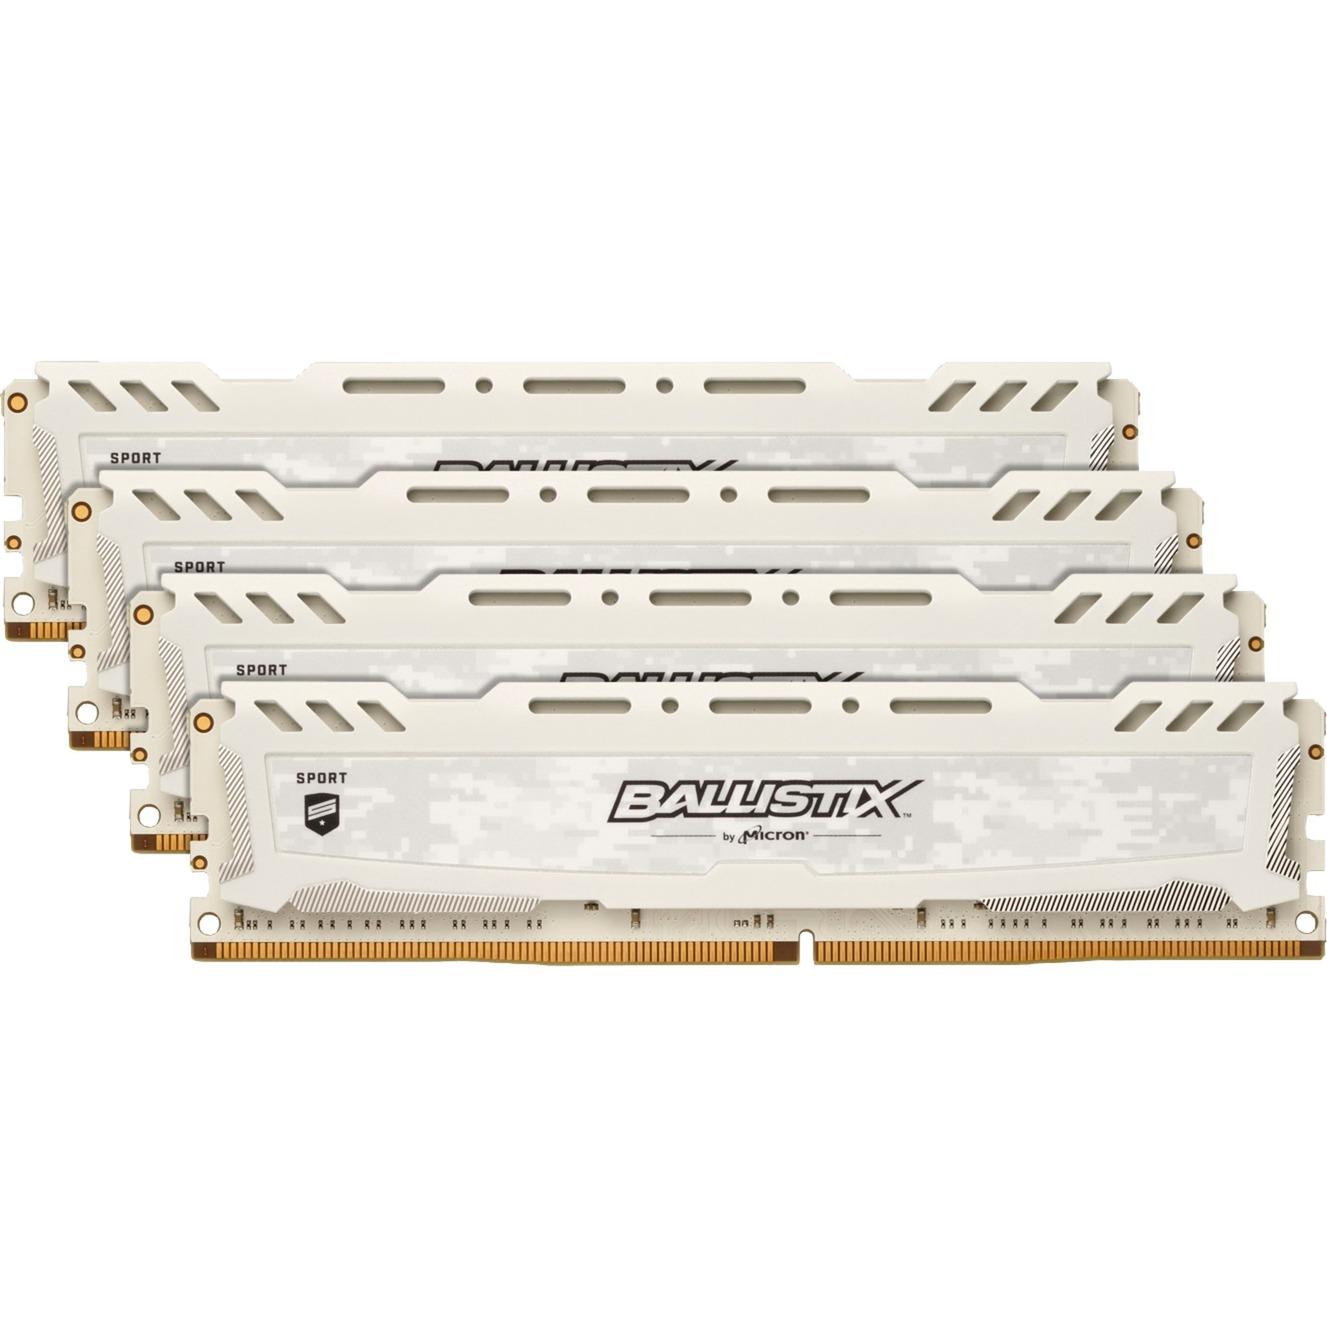 Ballistix Sport LT White 32 Go (2 x 16 Go) DDR4 2400 MHz CL17, Mémoire